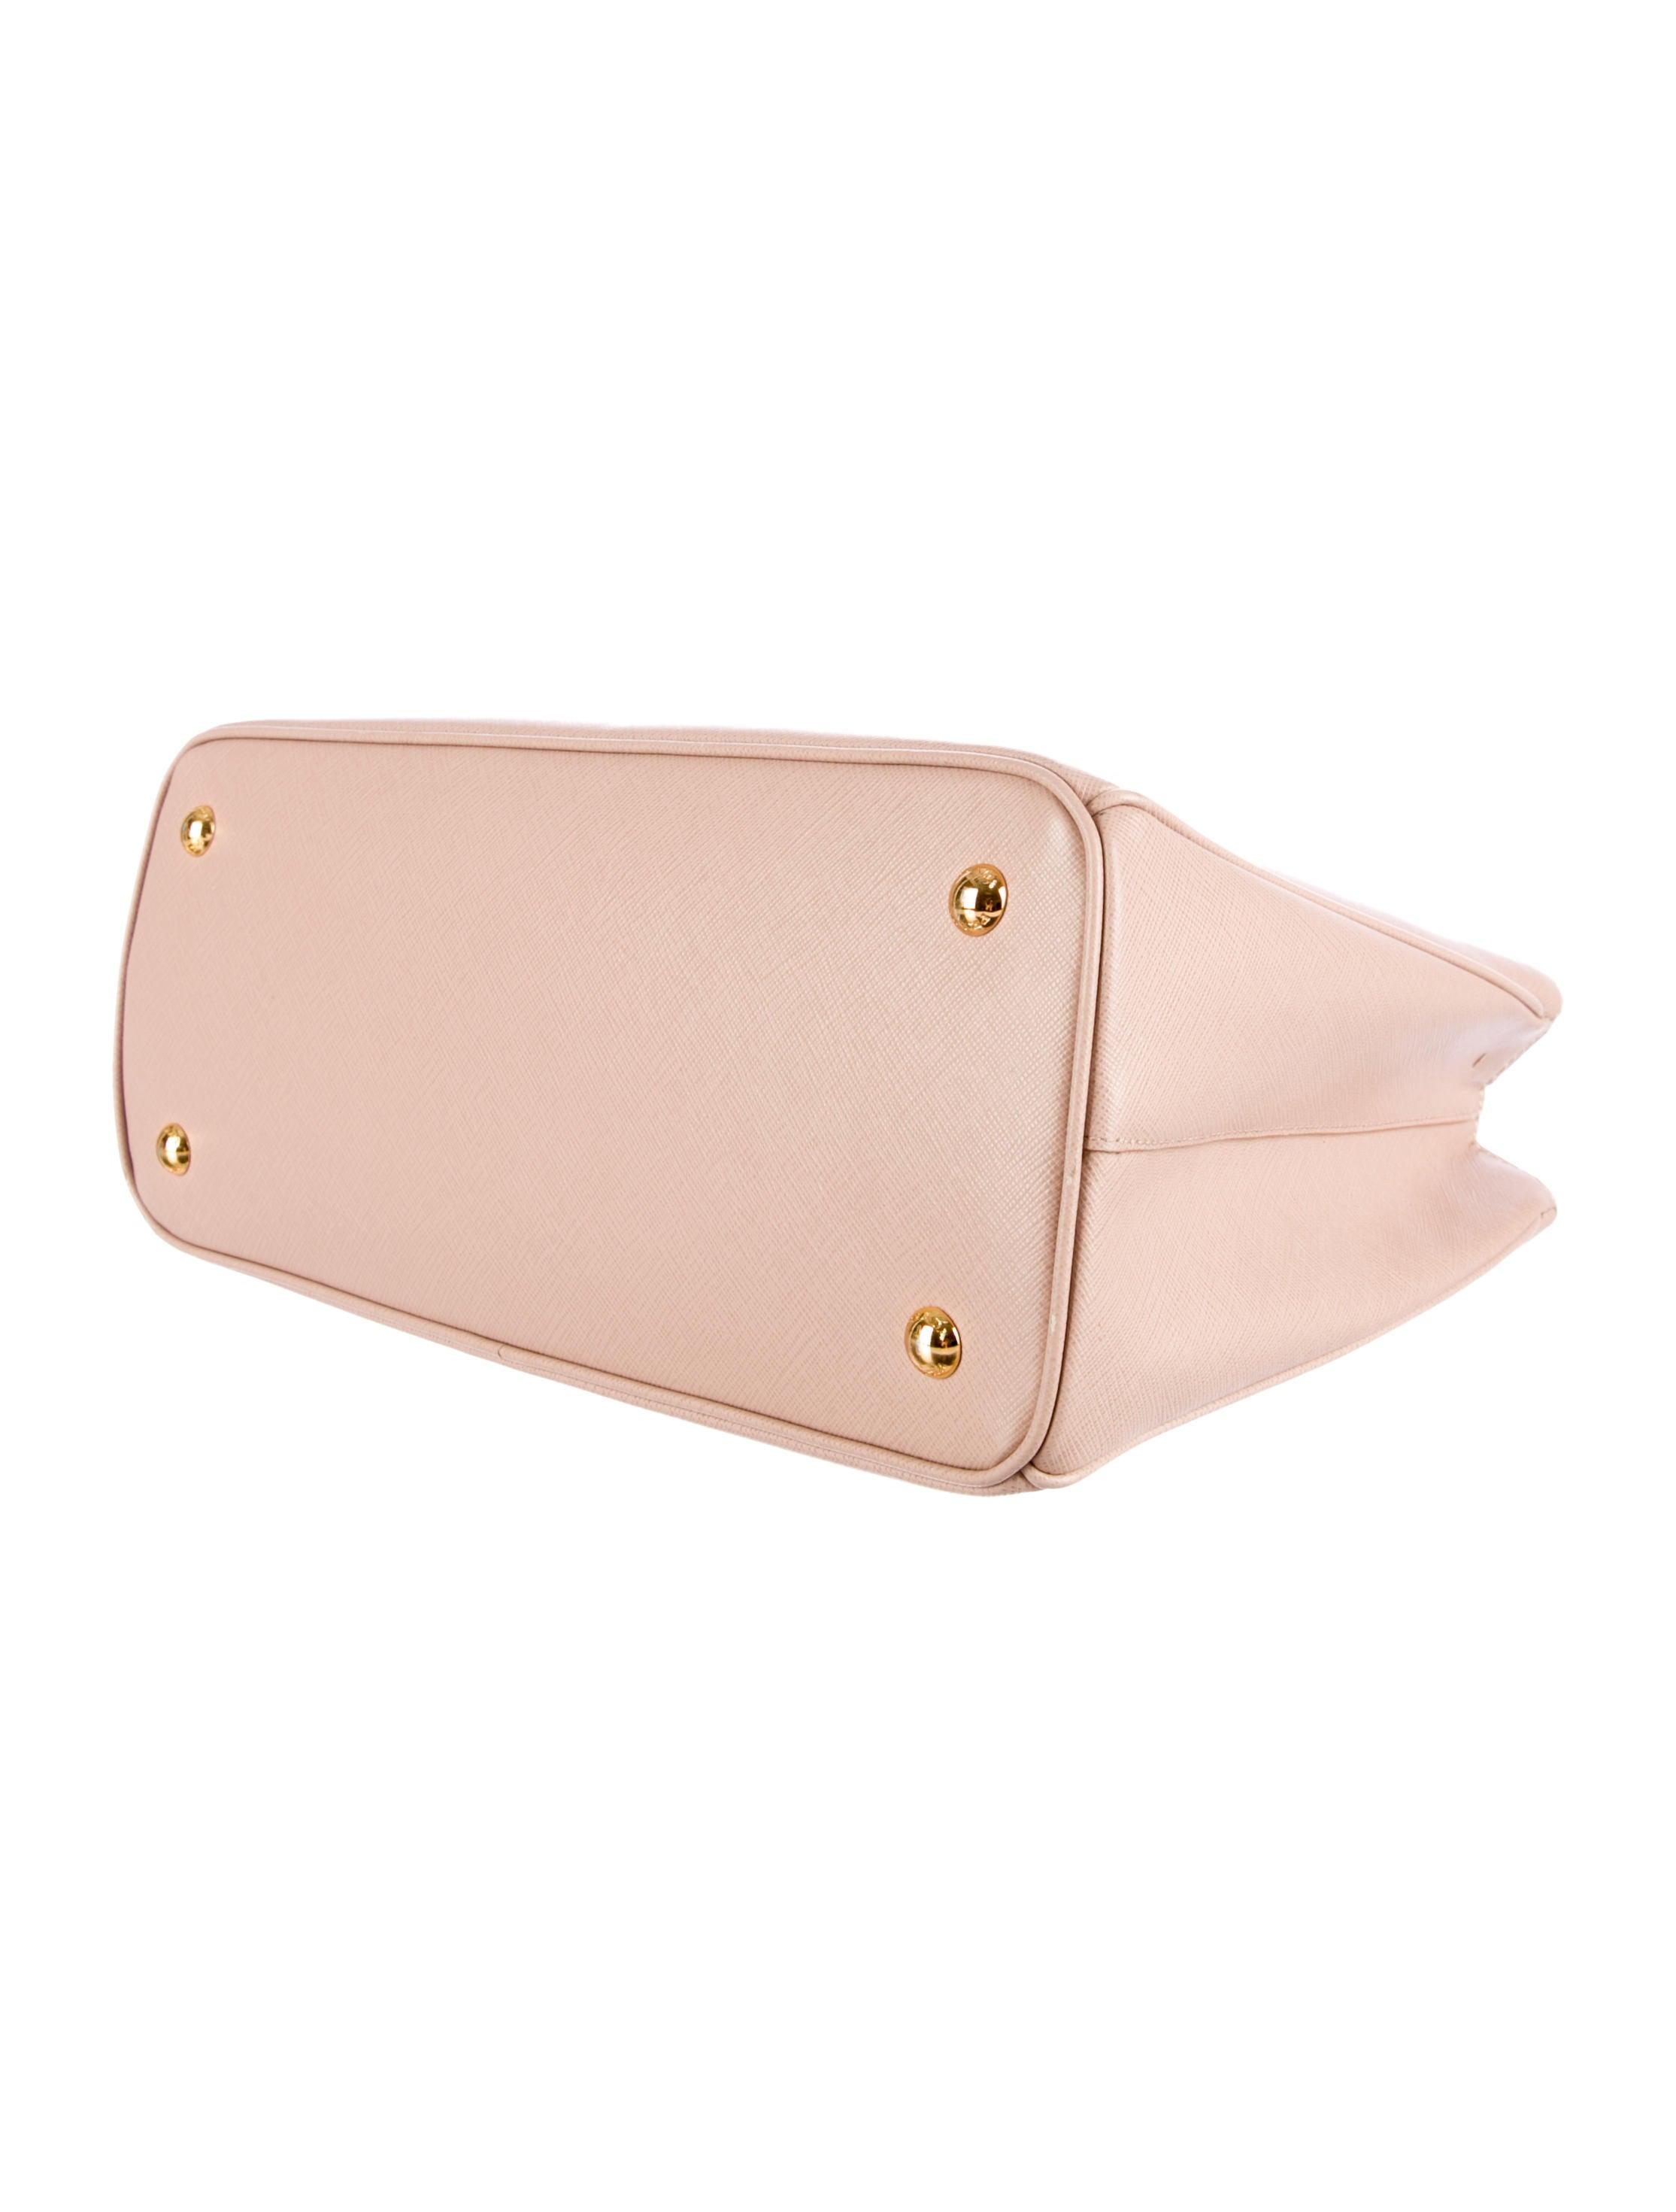 prada prices - prada saffiano lux small gardener\u0026#39;s tote bag, www prada com bags